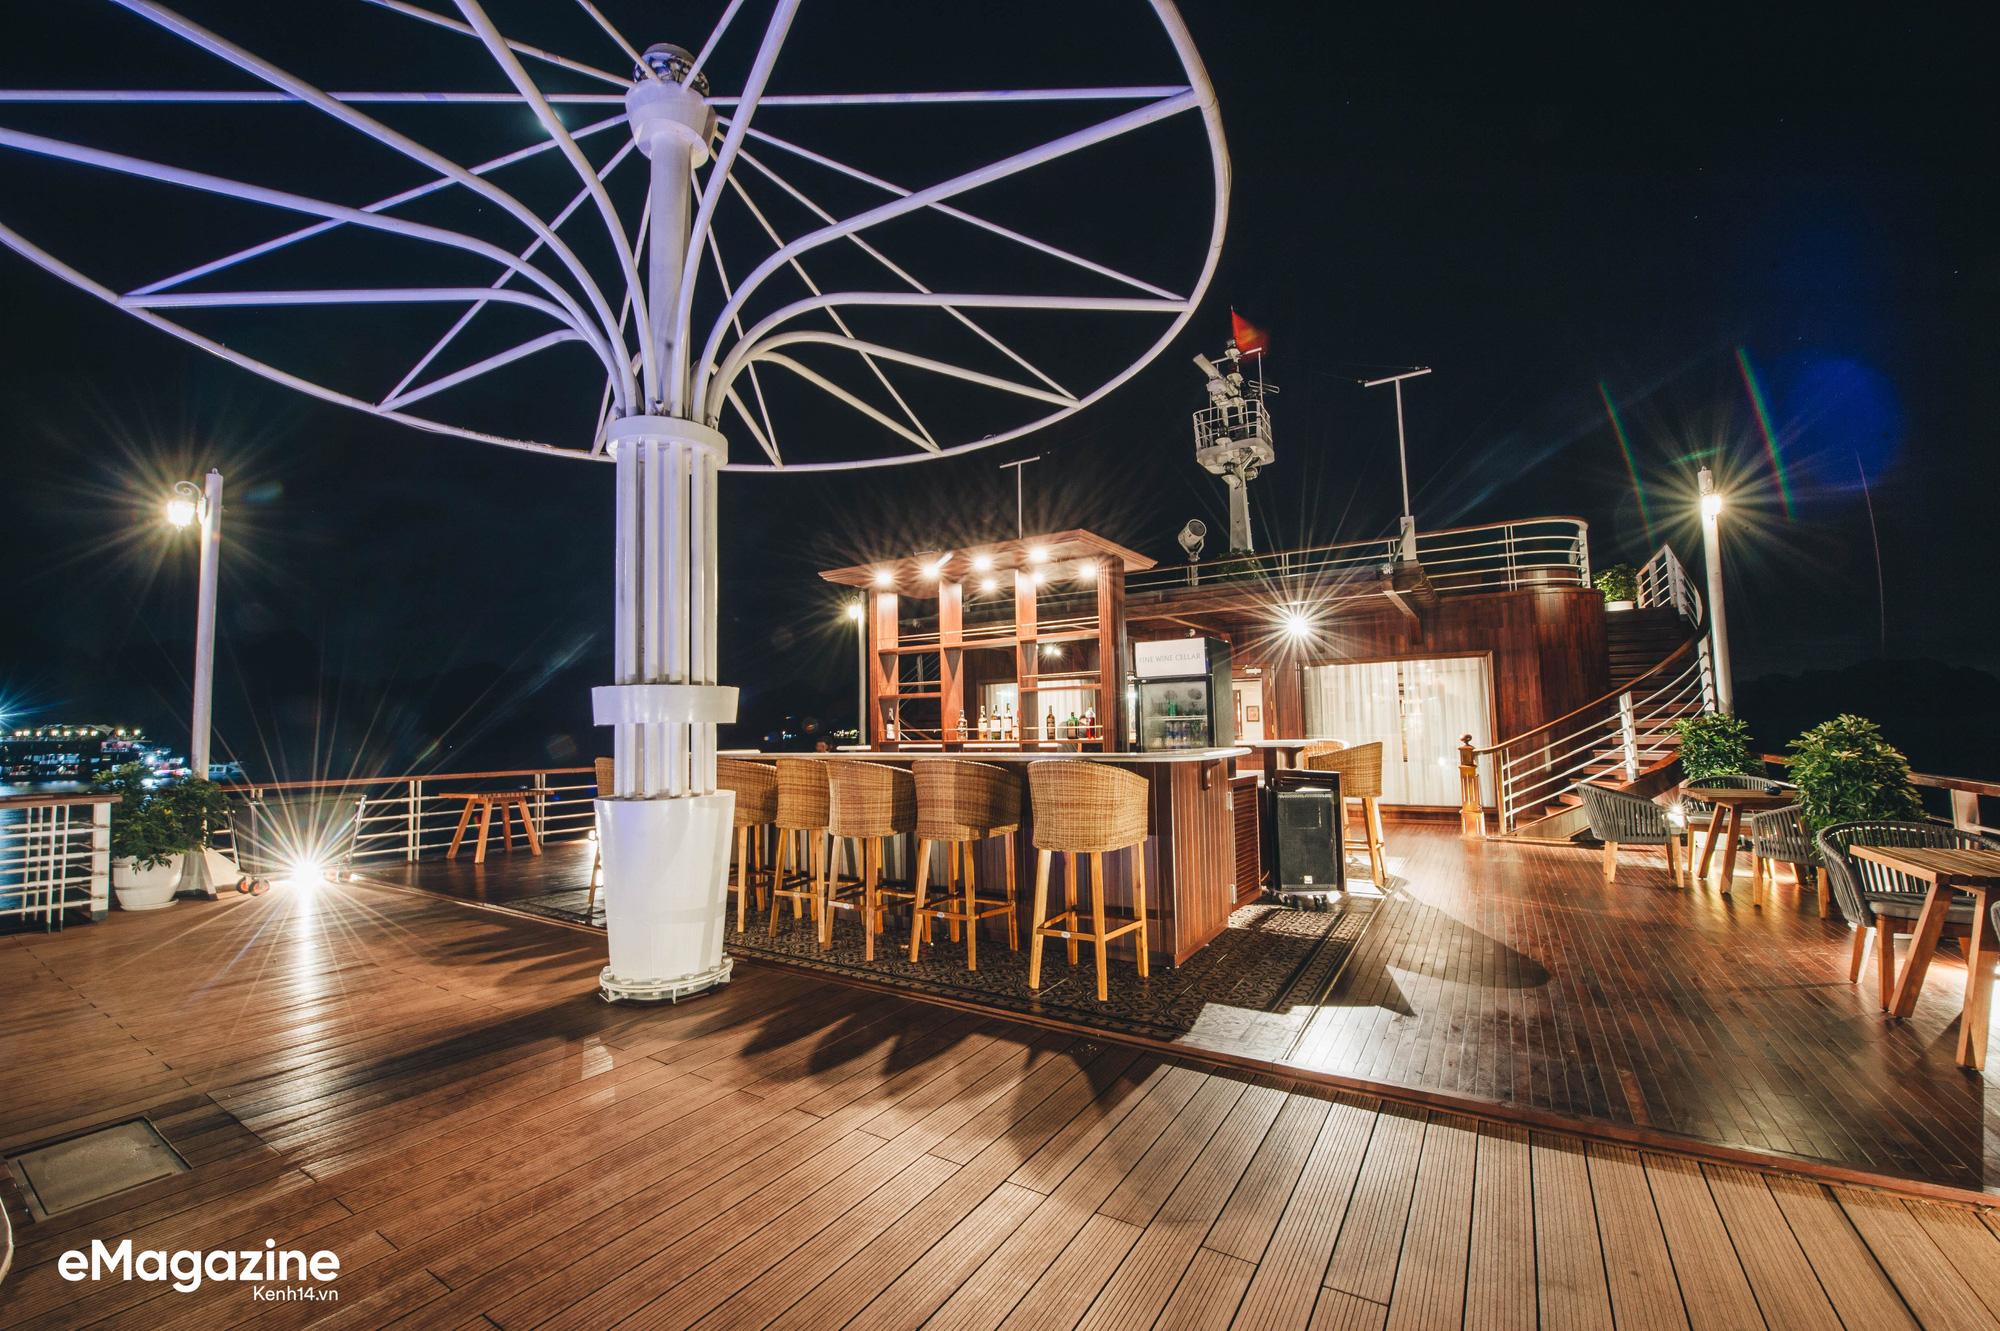 Trải nghiệm vịnh Lan Hạ đẹp như thơ trên du thuyền 5 sao để nhận ra: Đi du lịch ở Việt Nam có thể đẳng cấp chẳng kém chỗ nào! - Ảnh 15.